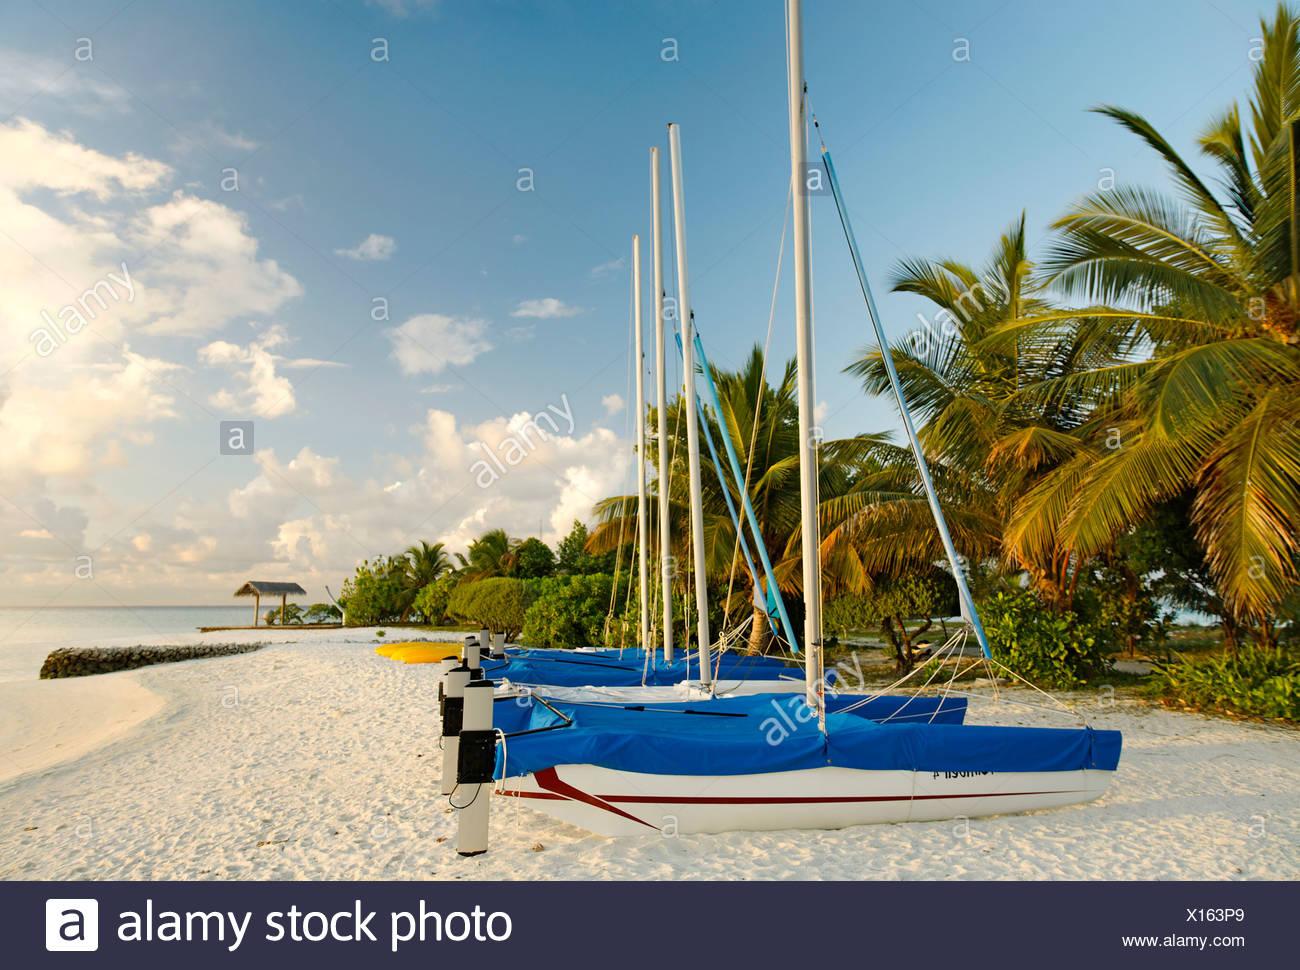 Hobby Voiture, catamarans, voiliers, côte à côte, sur la plage, les palmiers, les Maldives island, South Male Atoll, Maldives, Achipela Photo Stock